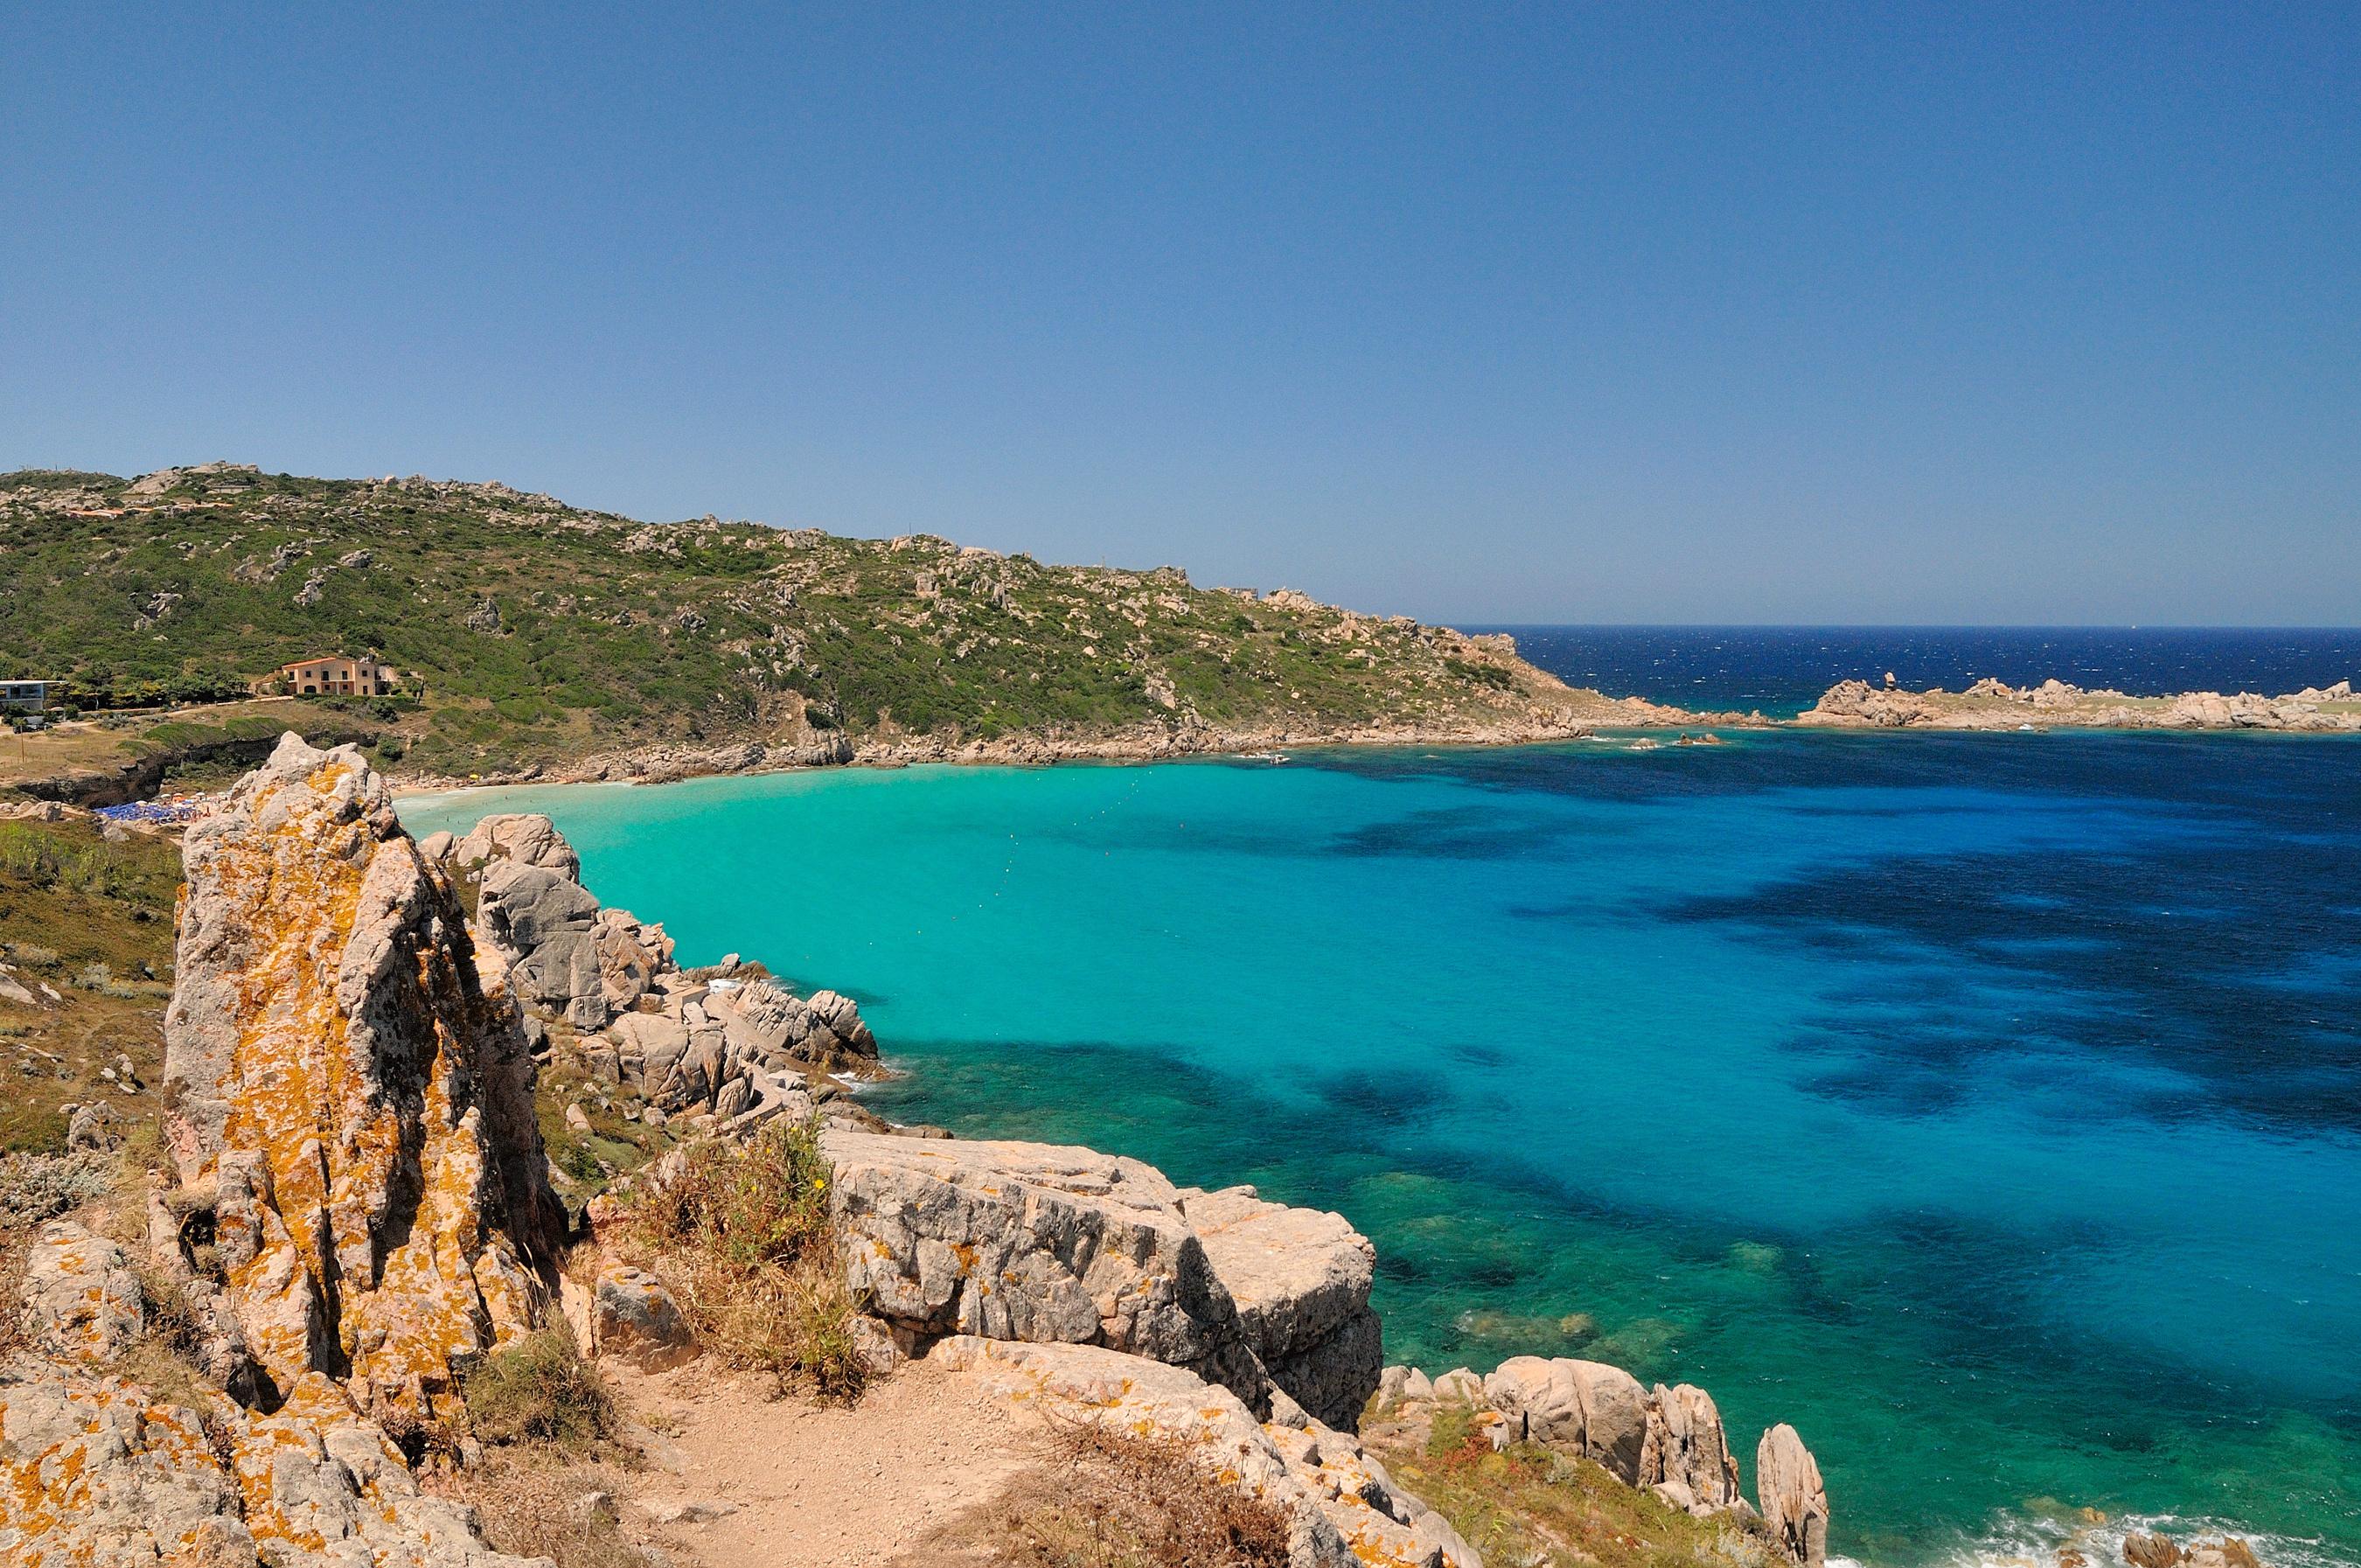 Sardegna del nord una vacanza a santa teresa di gallura for Santa teresa di gallura